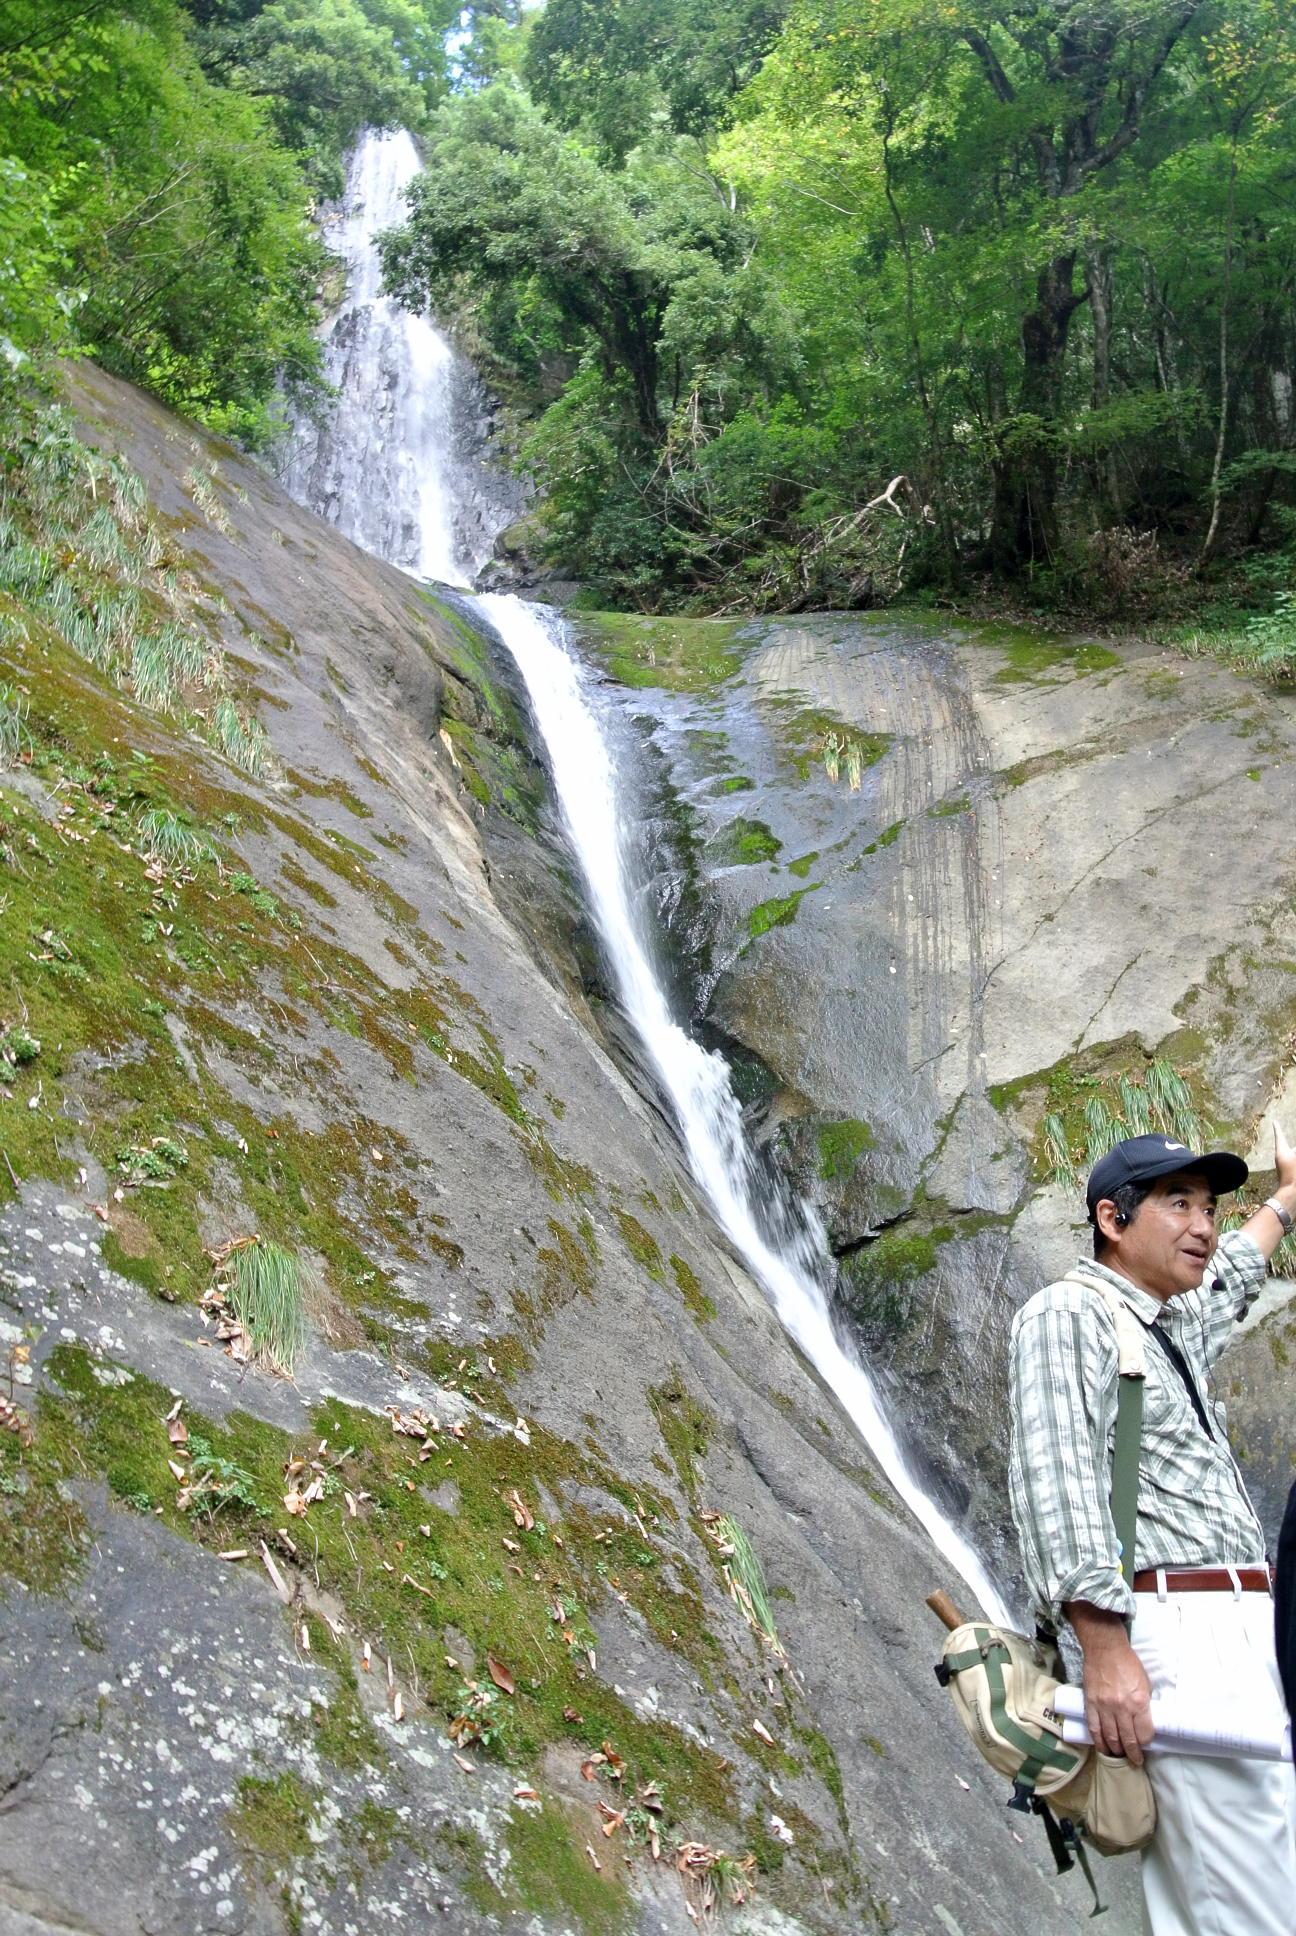 猿尾滝のこと、しっかりと学ぶことができました!!